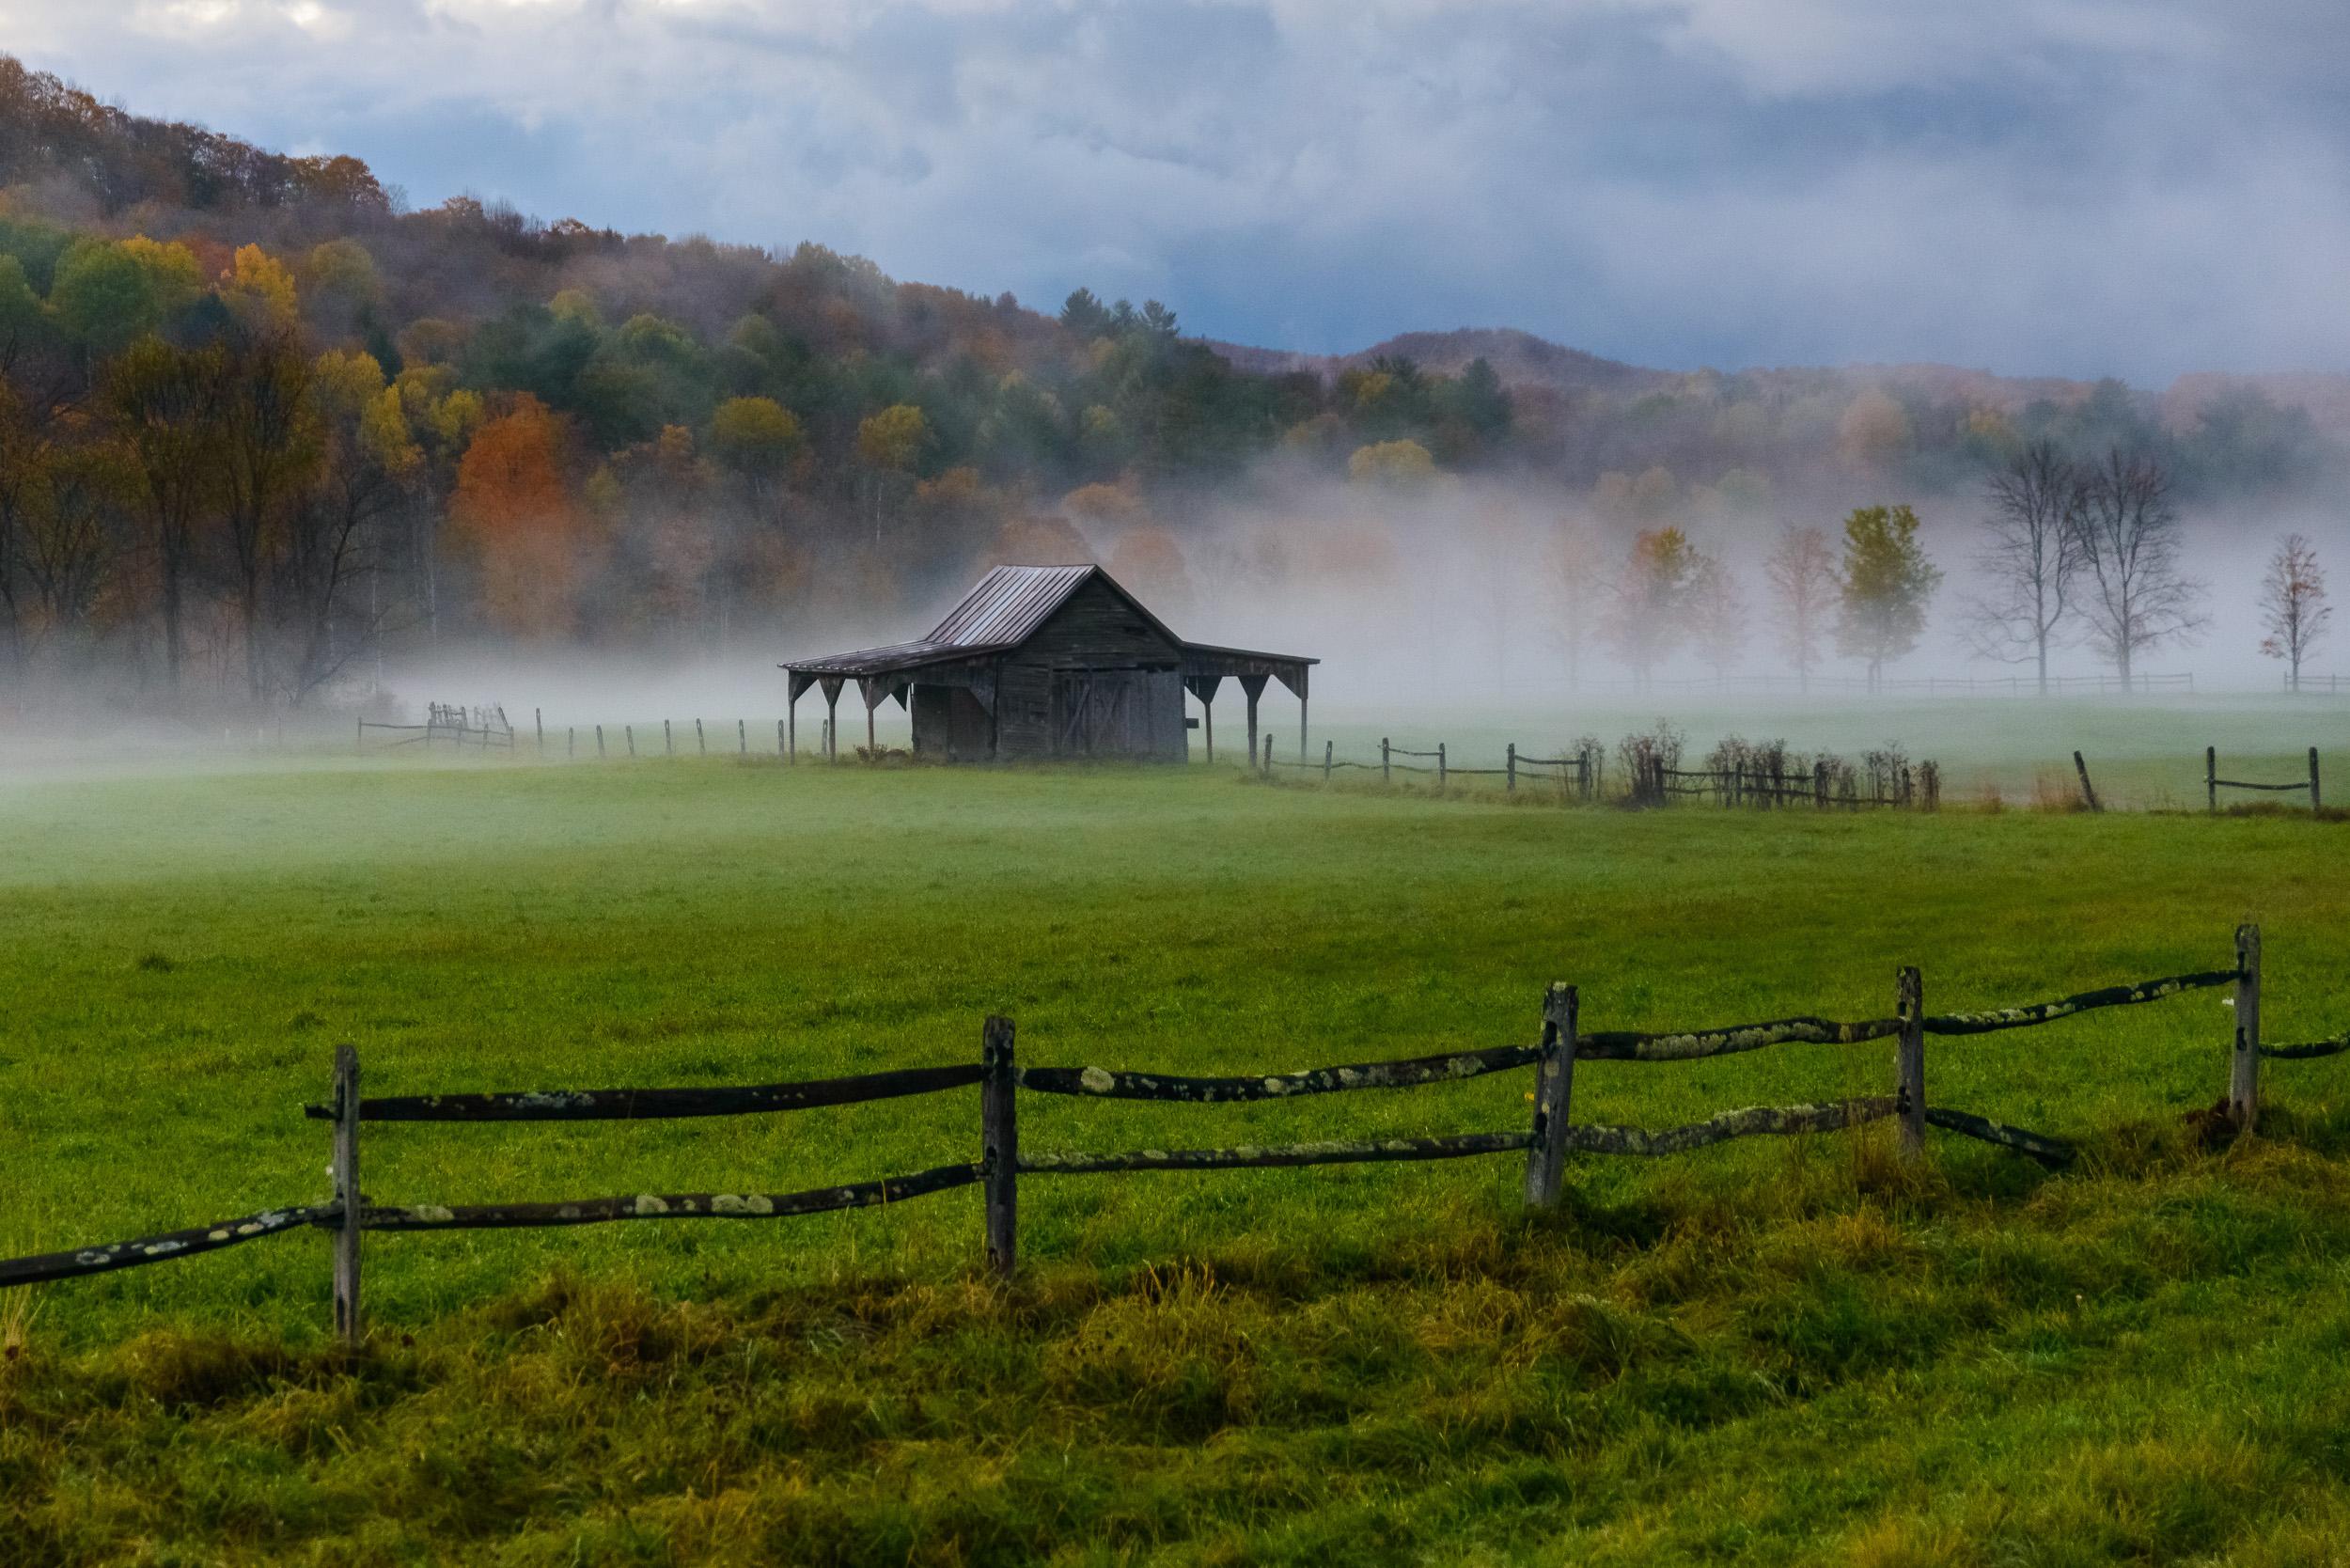 Barn in Autumn Mist